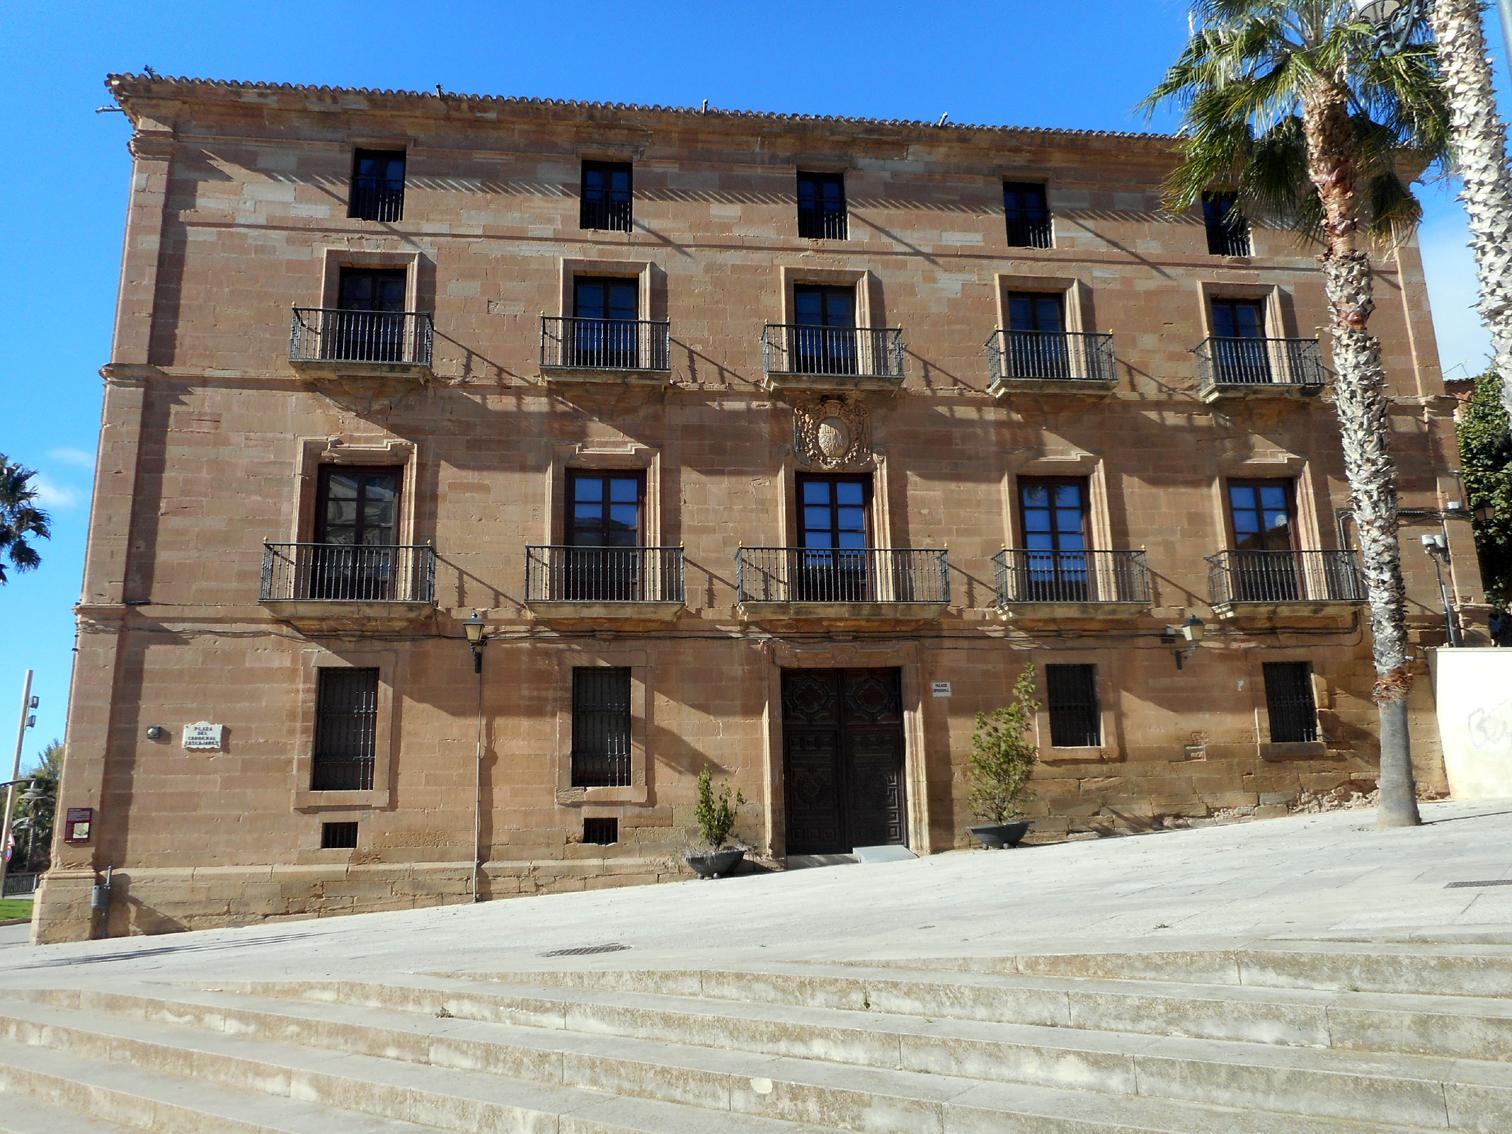 Casas solariegas en la rioja 523 calahorra casas de la - Casas prefabricadas la rioja ...